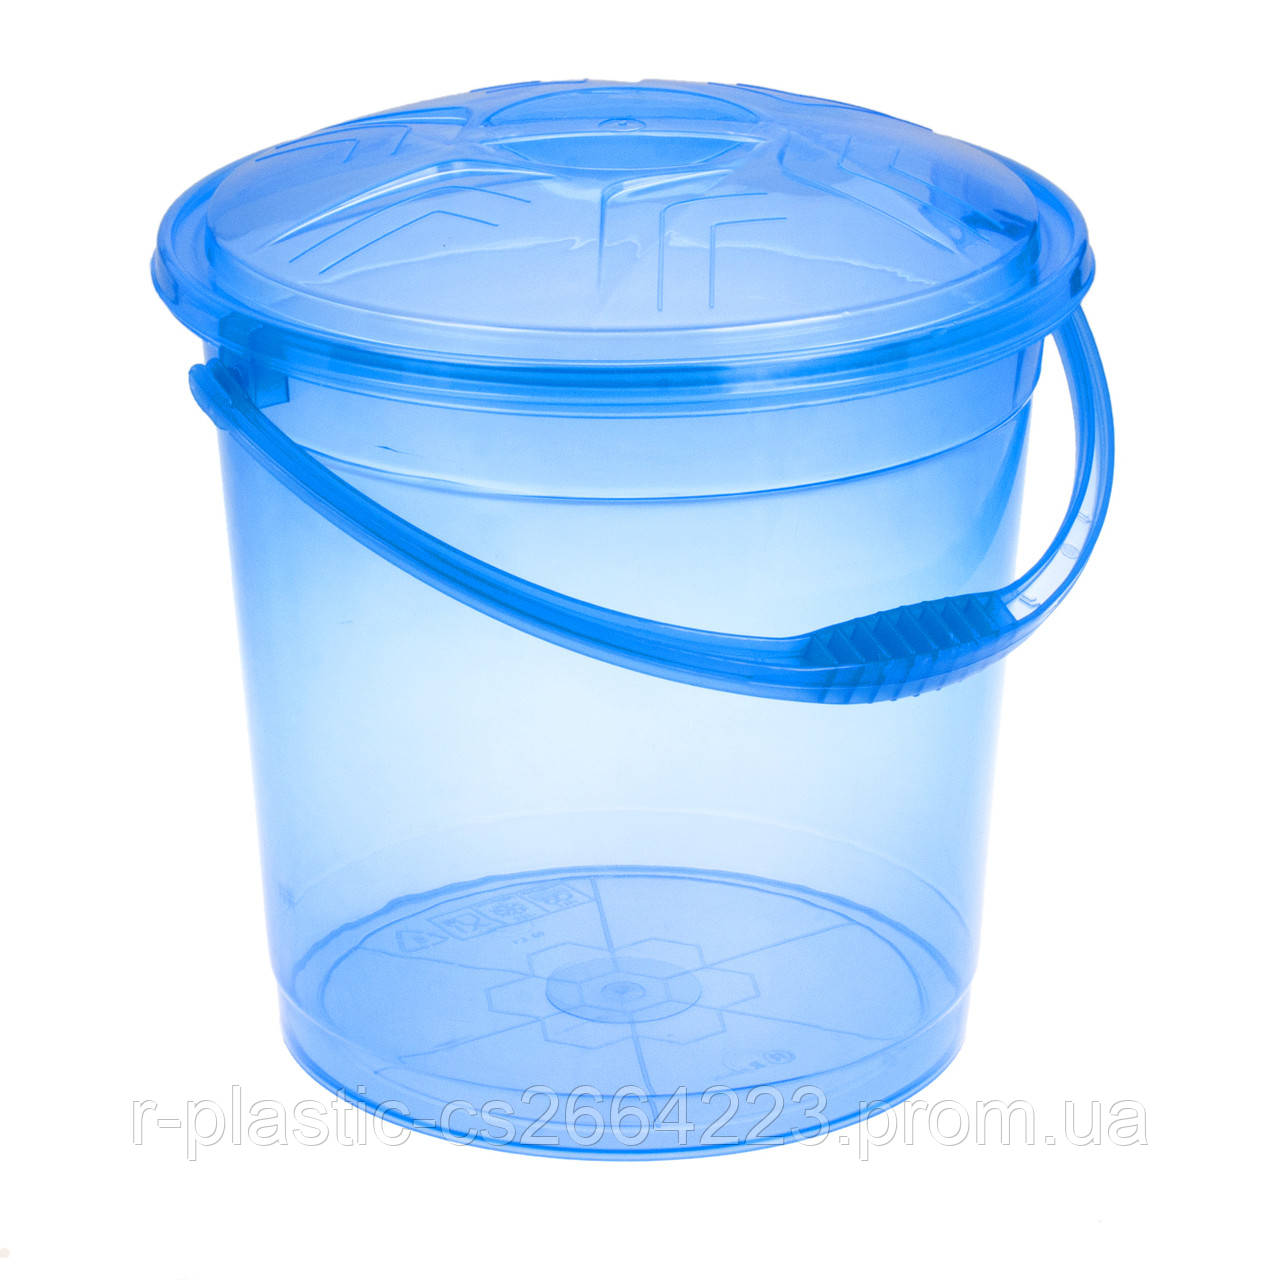 Ведро прозрачное с крышкой 12л R-Plastic голубое